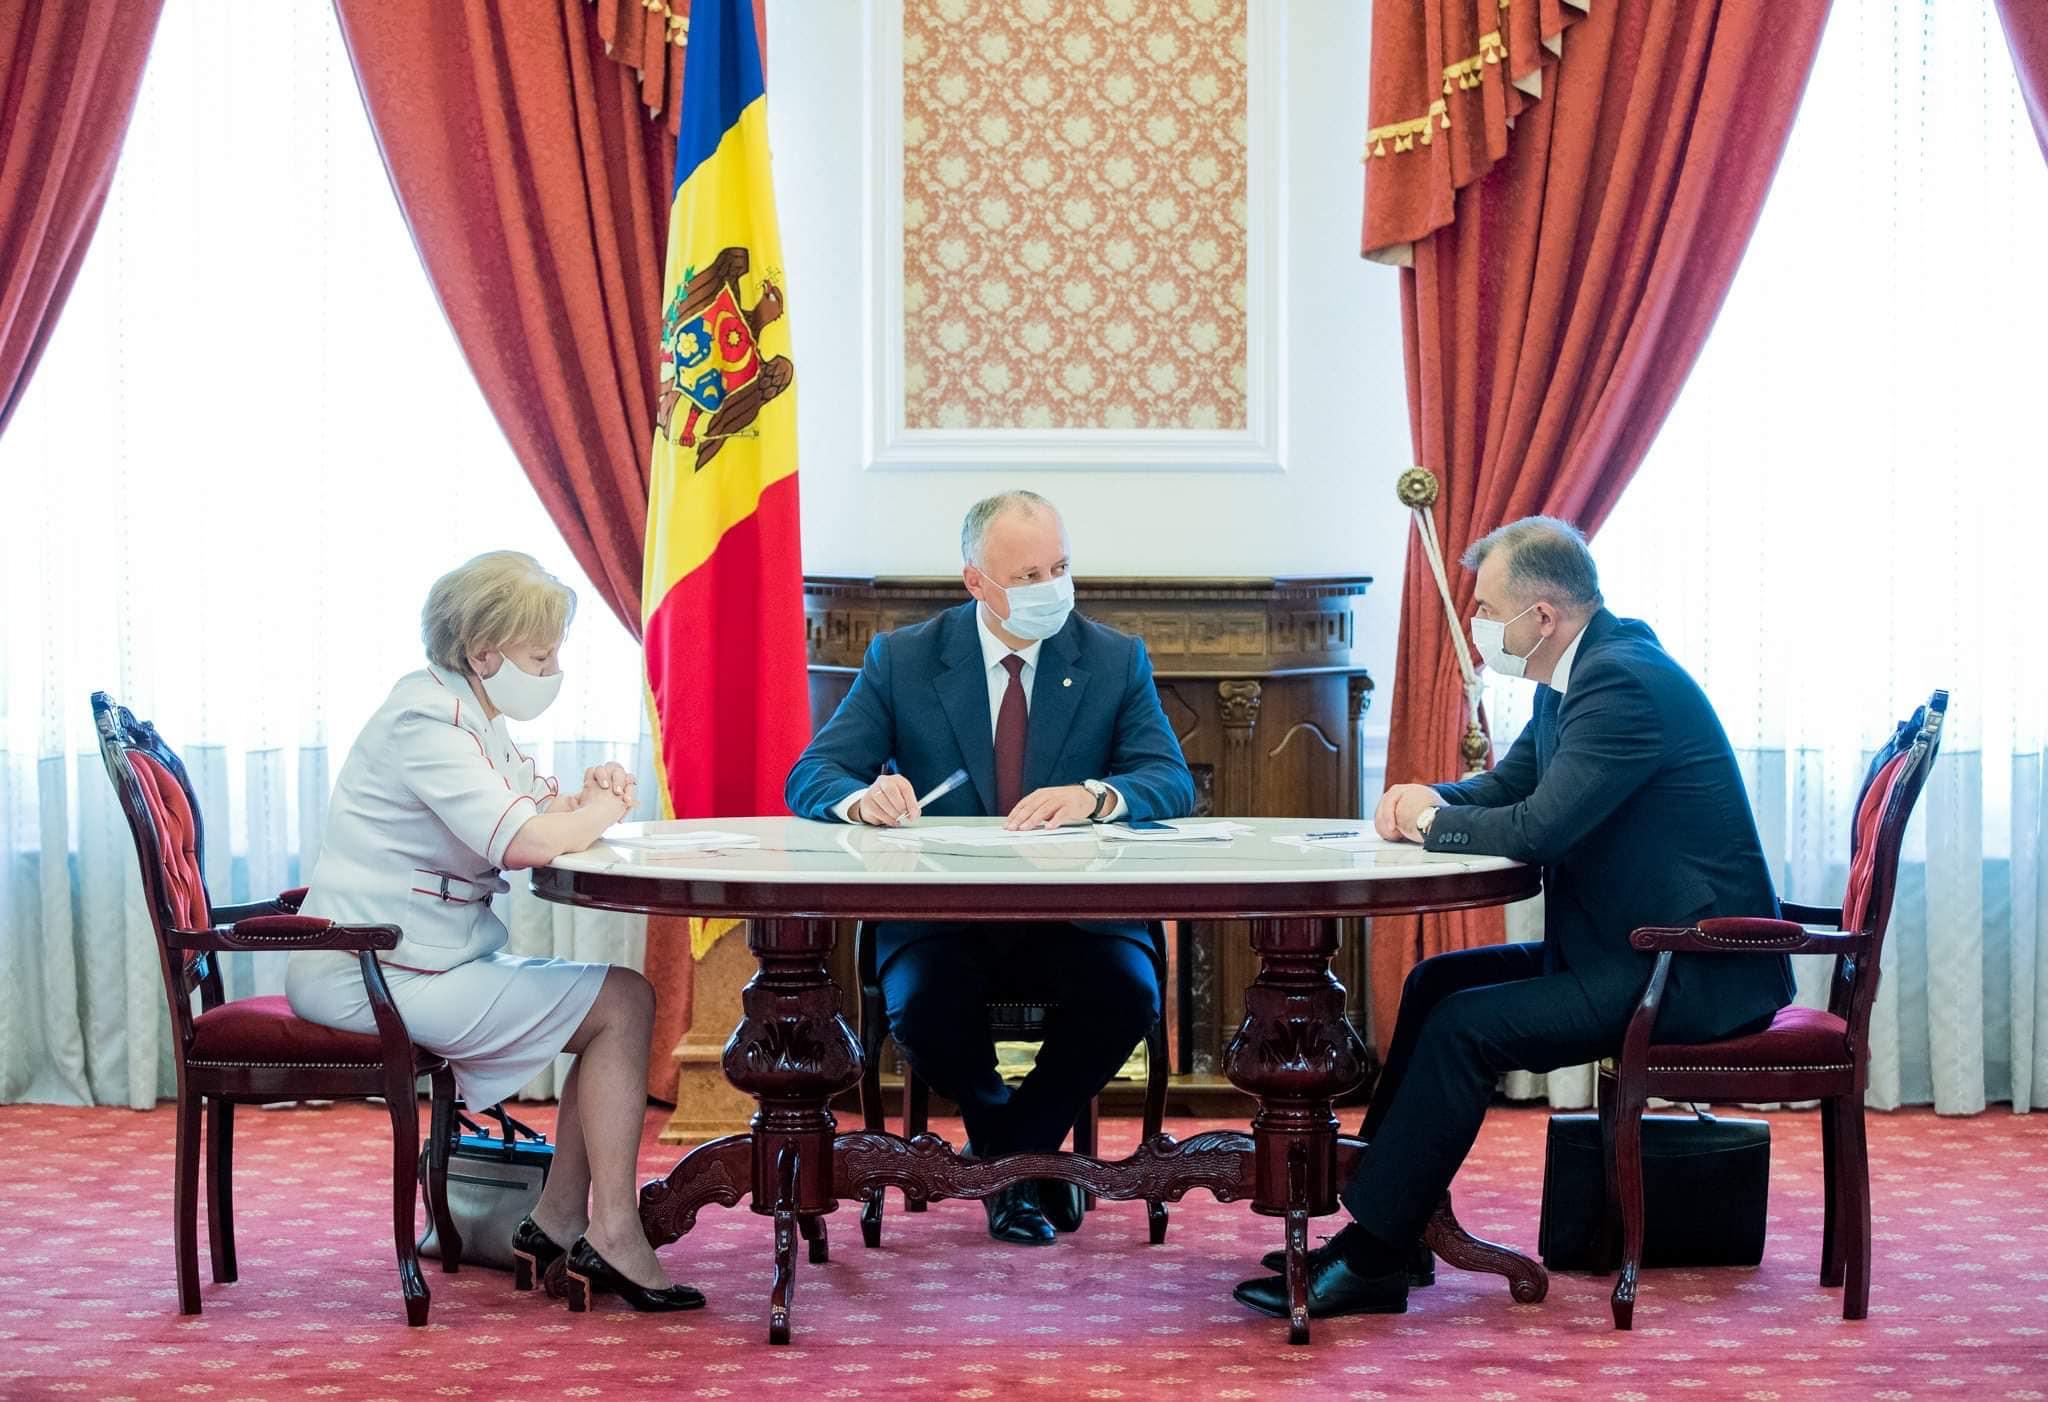 Заседание руководства страны: ключевые темы (ФОТО, ВИДЕО)